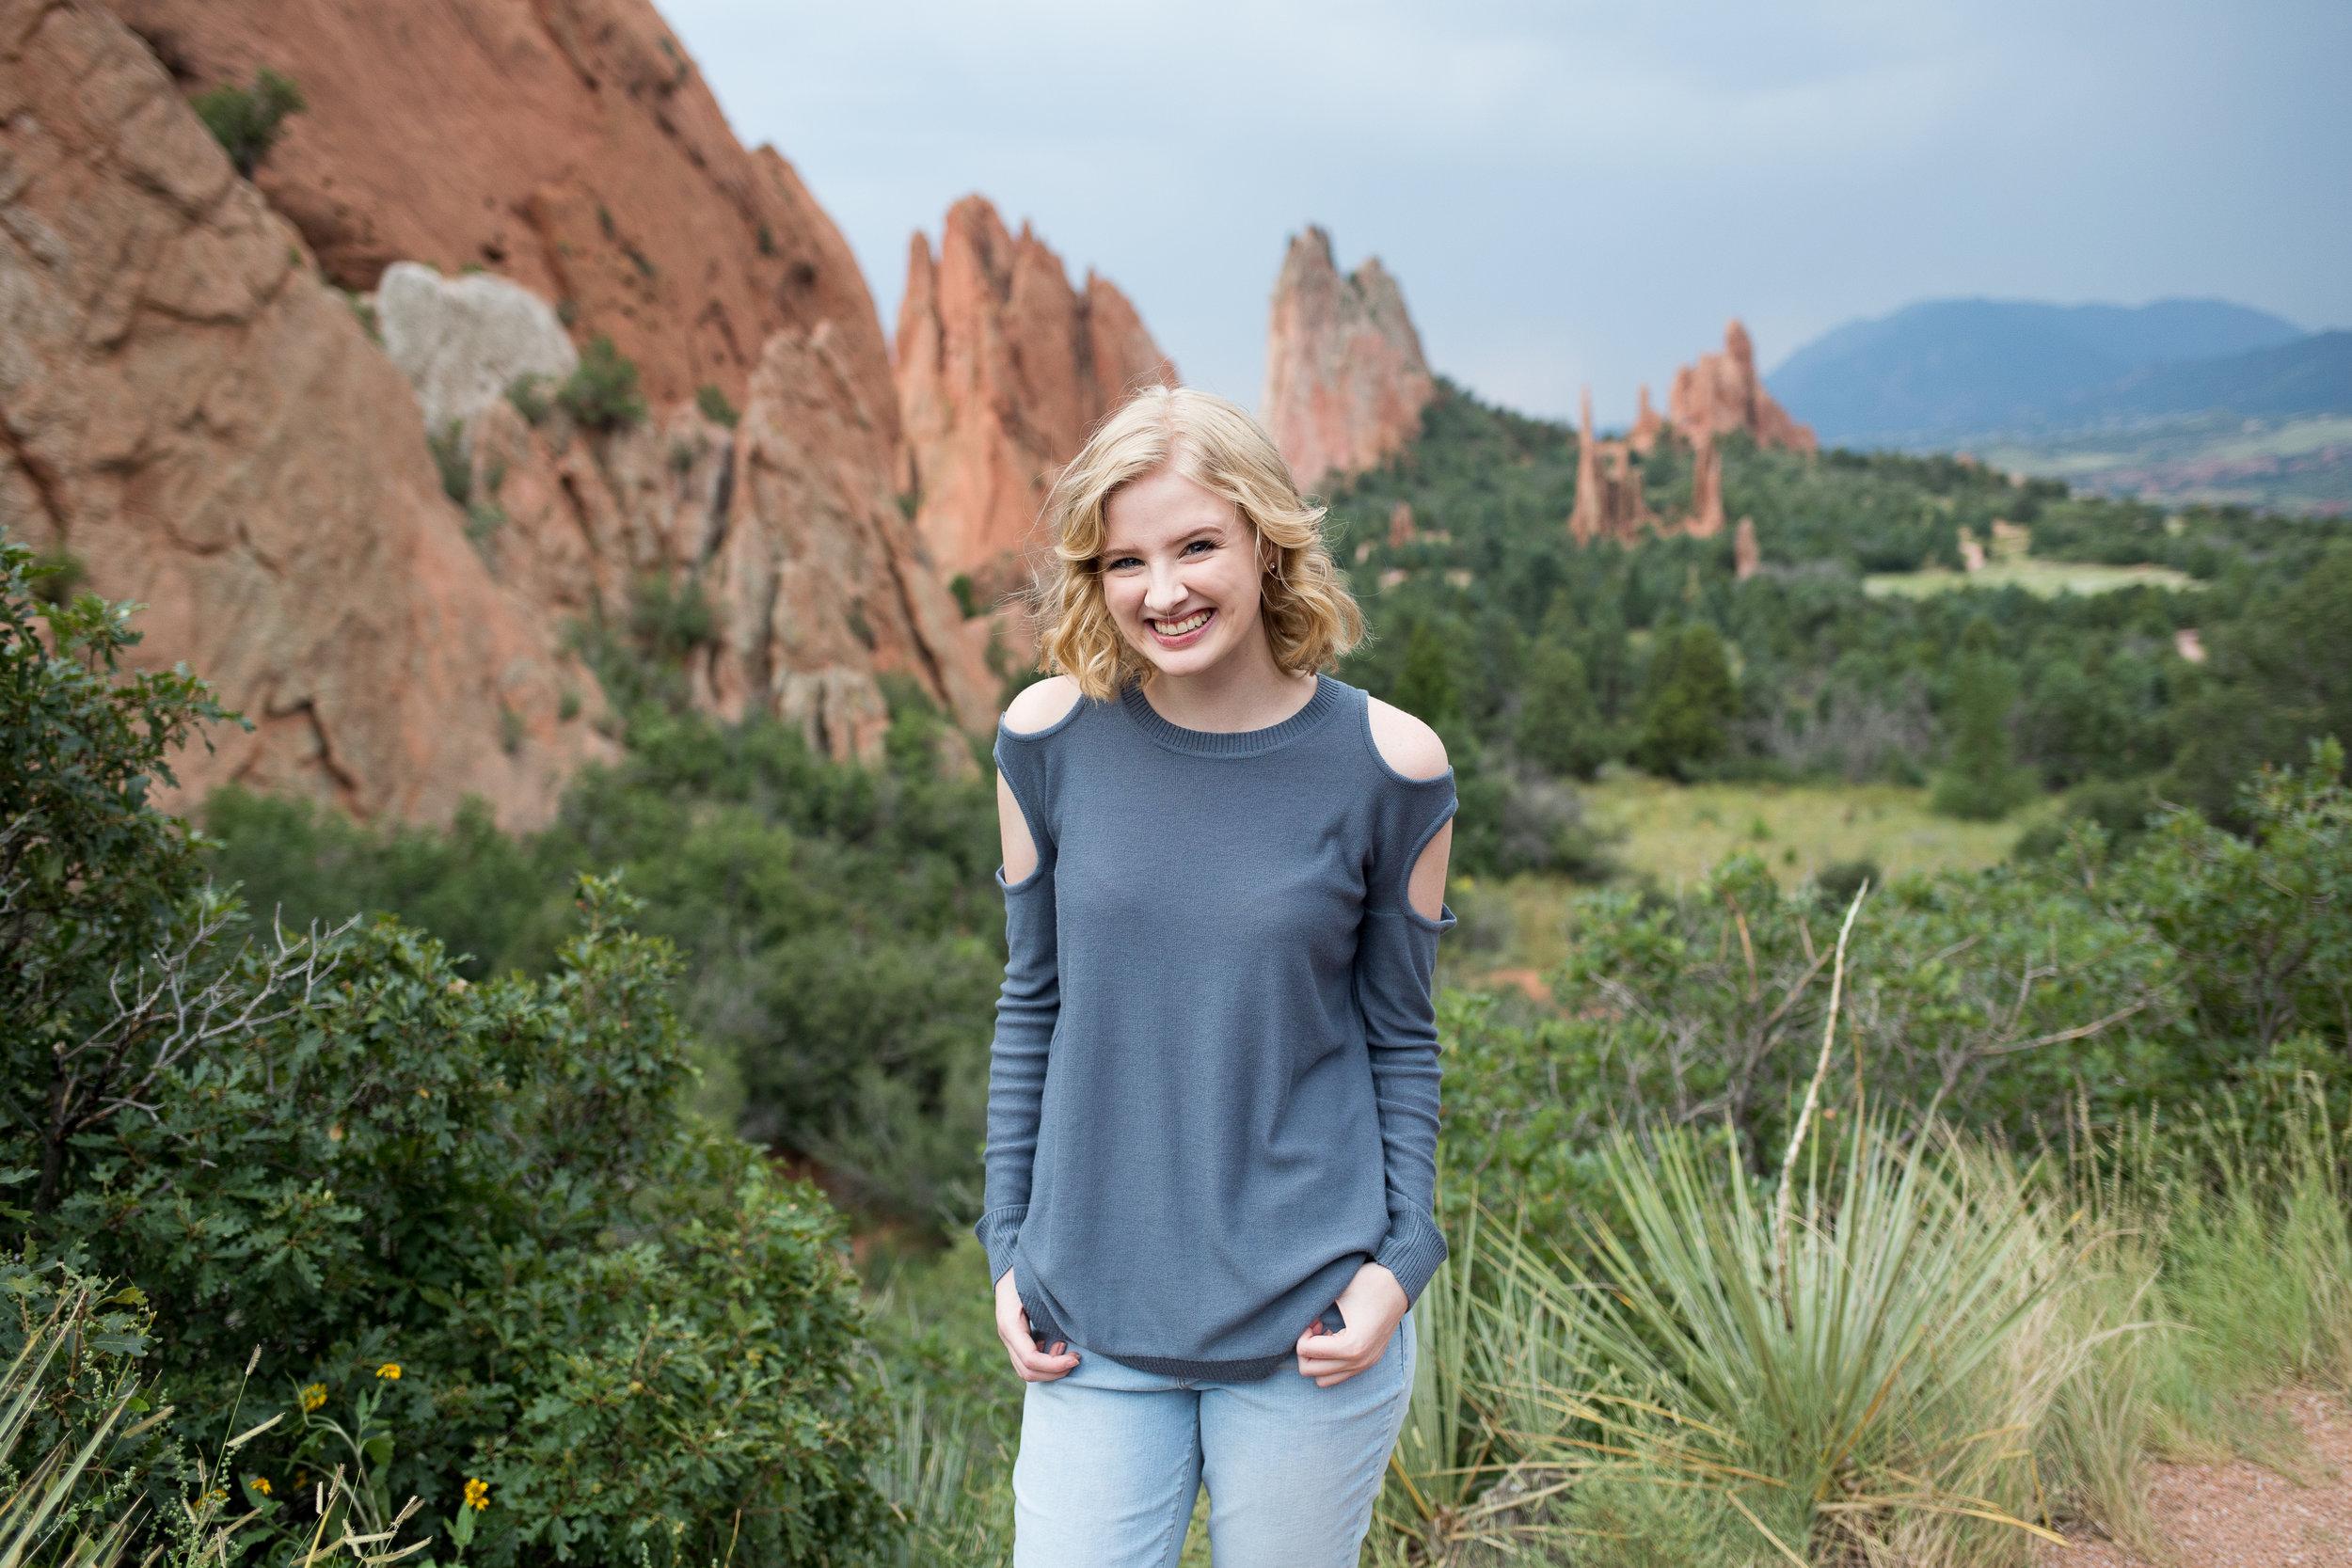 Colorado Springs Senior Portraits | Stacy Carosa Photography | Colorado  Springs Senior Photographer | Garden of the Gods Senior Session